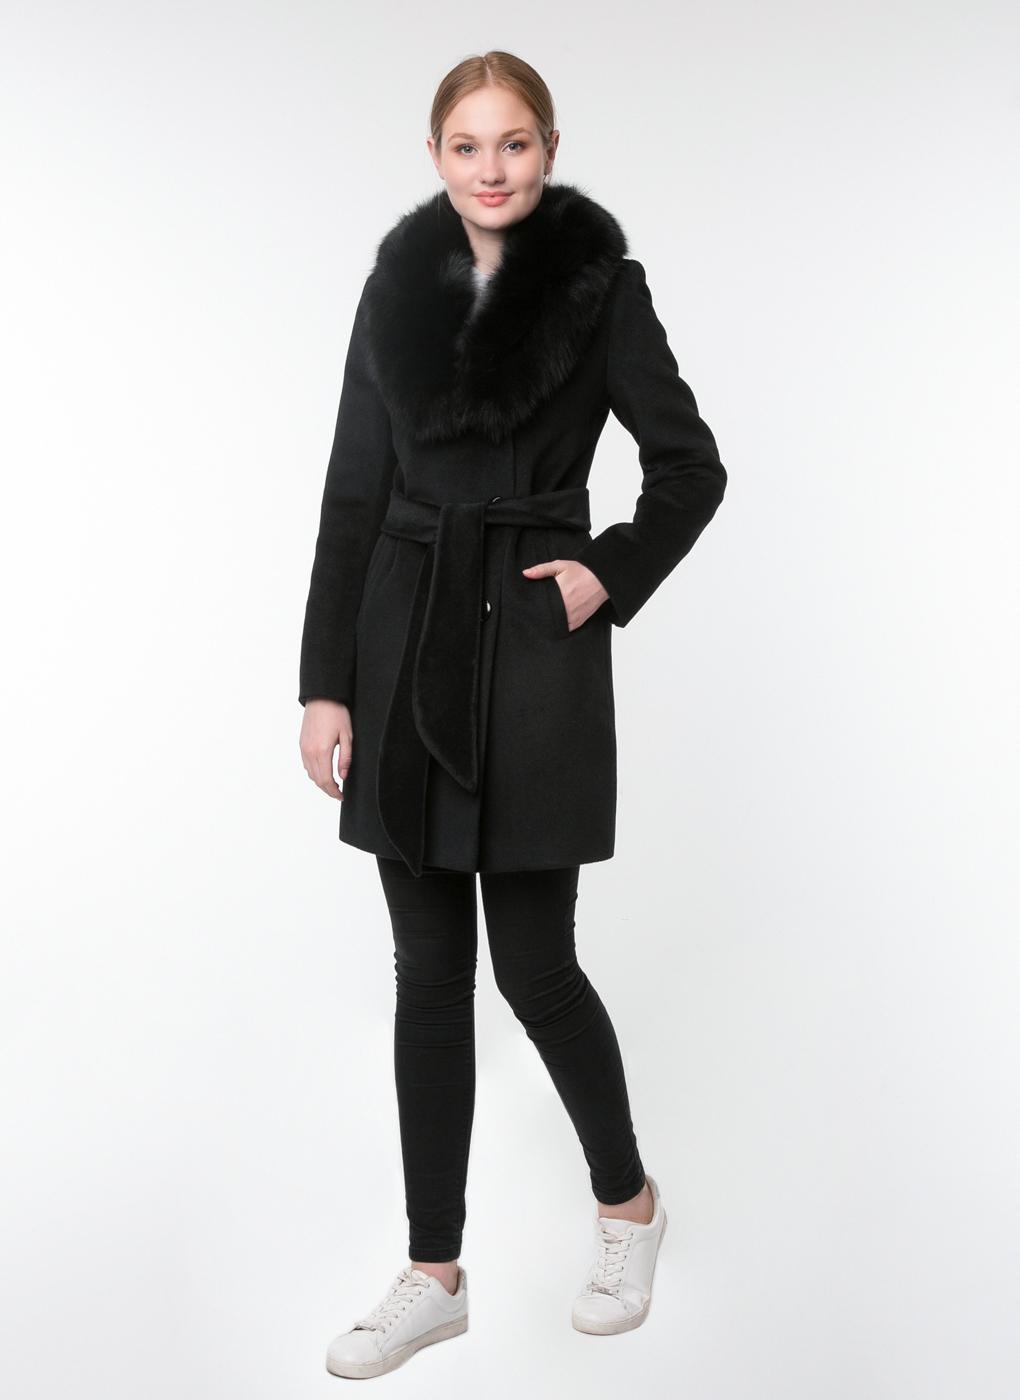 Пальто приталенное шерстяное 08, Bella collection фото